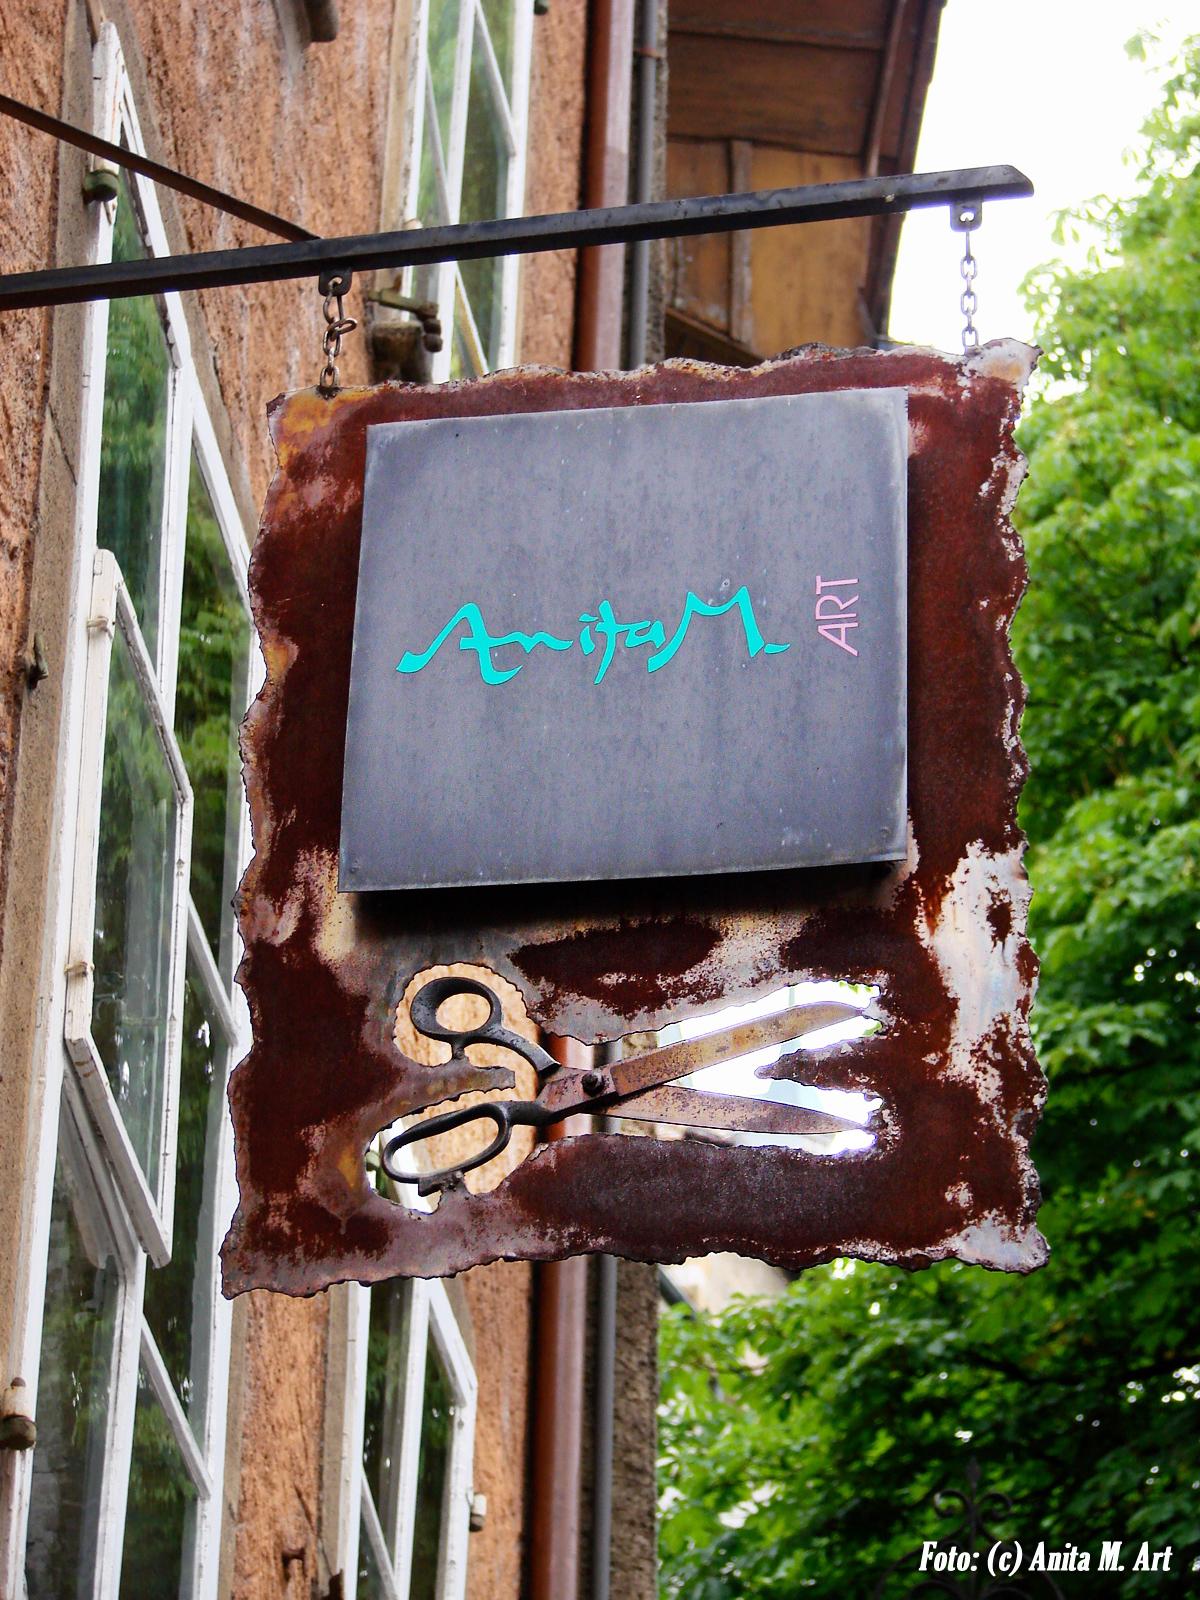 Schild der Boutique Anita M. Art / Einseigne de la boutique Anita M. Art